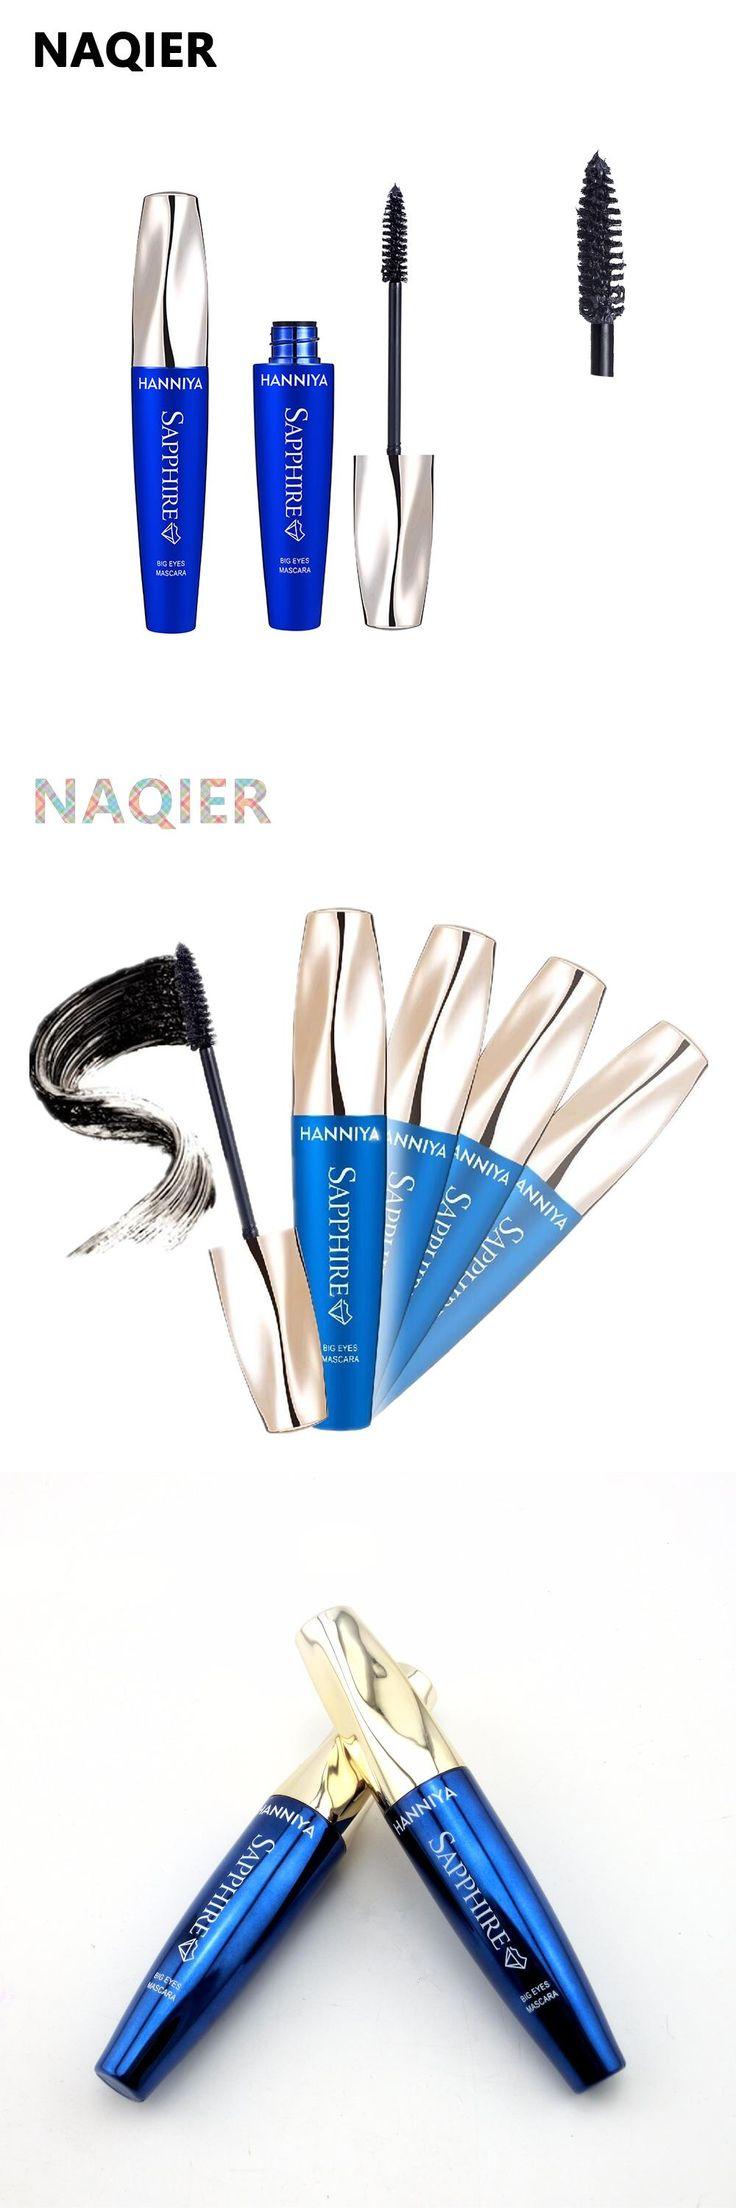 [Visit to Buy] Brand HANNIYA Eye Botton Mascara 3D Curling Thick Eyelash Enhance Rimel Smudge Proof Mascara Makeup Lenghtening Rimel S107 #Advertisement